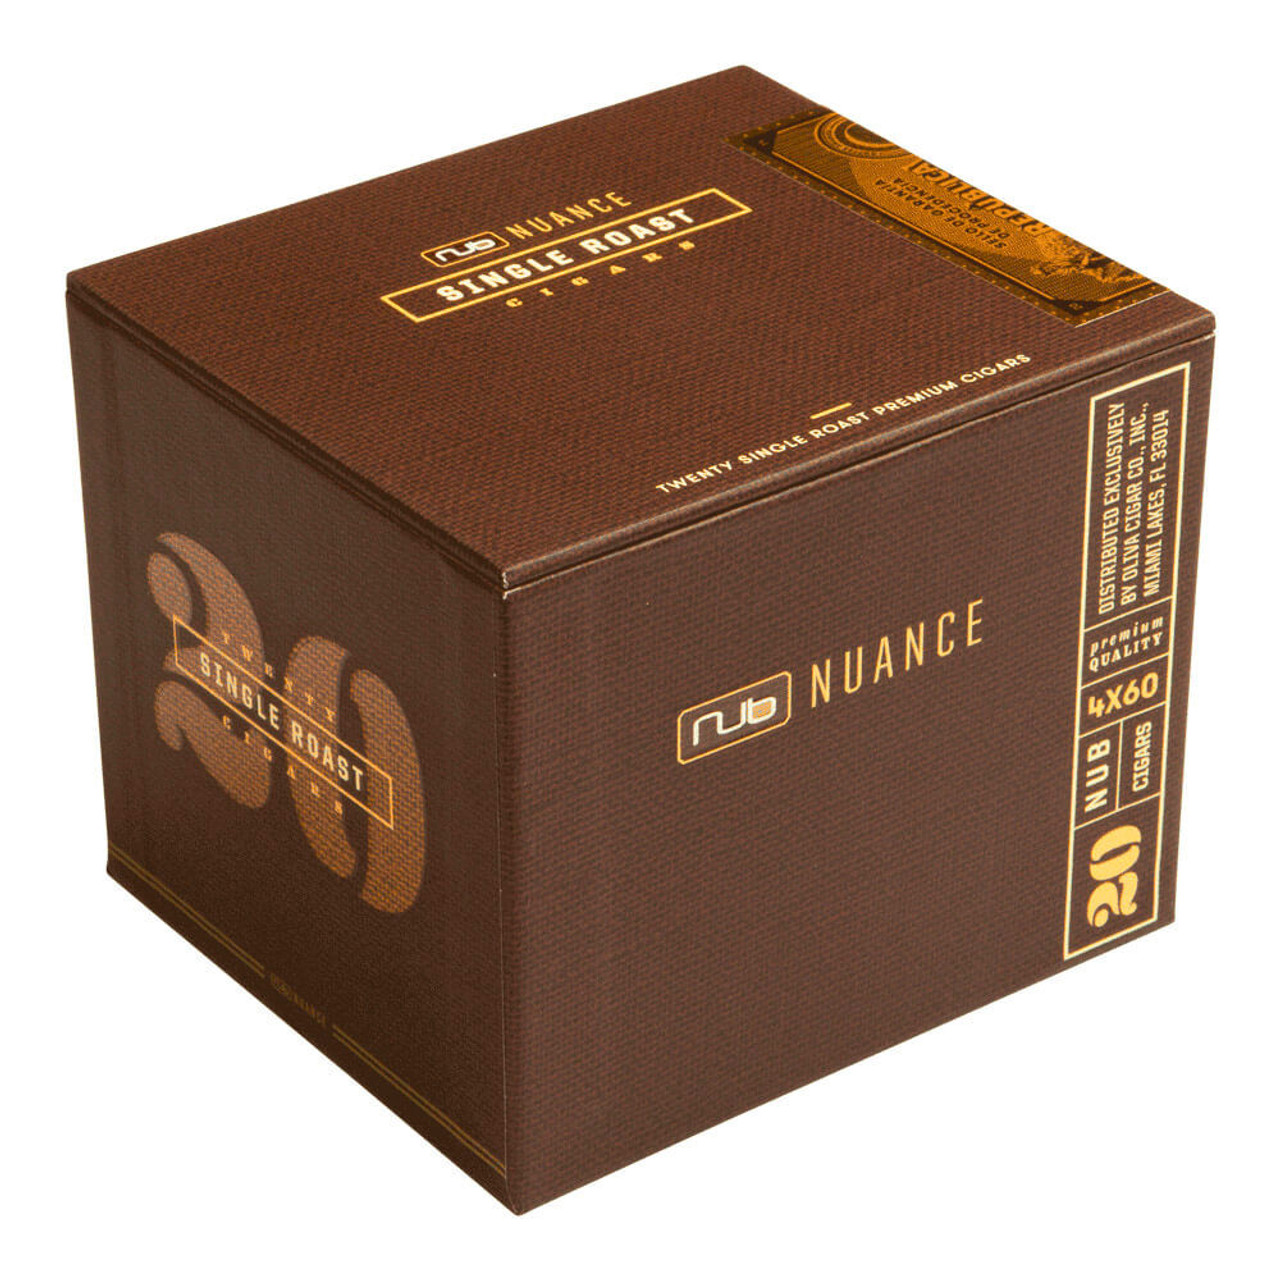 Nub Nuance Single Roast Cigars - 4 x 60 (Box of 20)